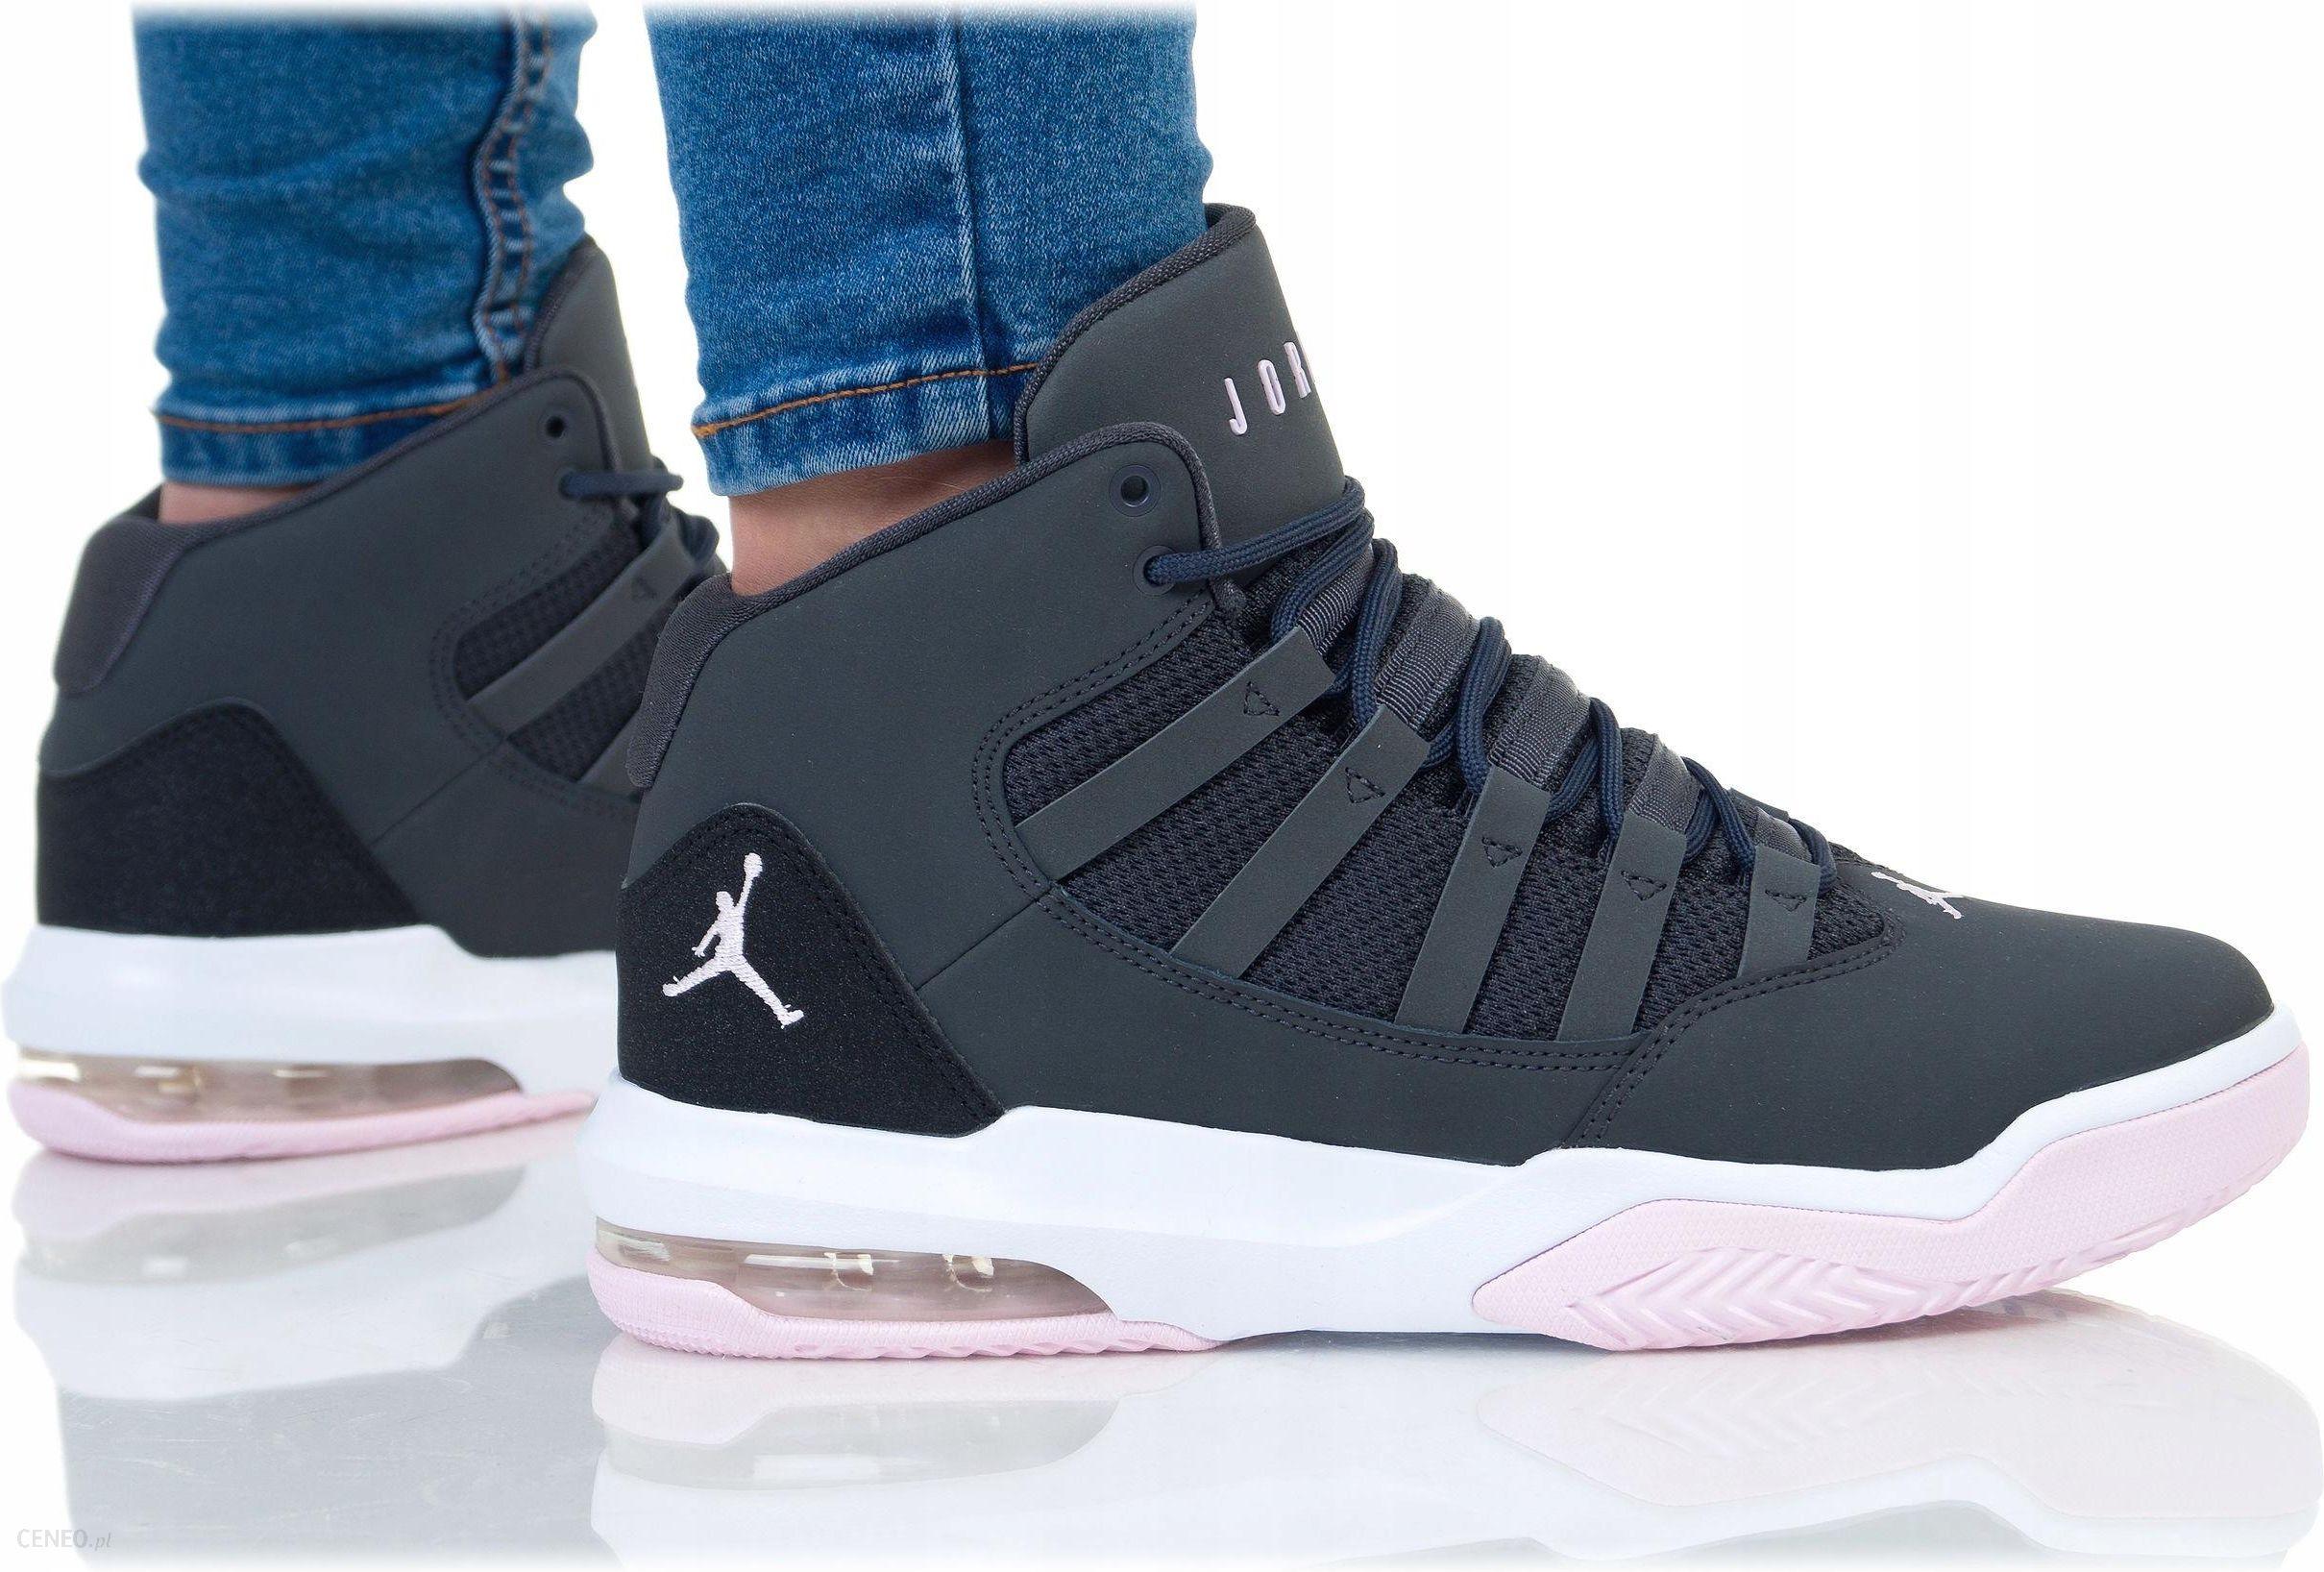 Buty Nike Damskie Jordan Max Aura Gs AQ9249 060 Ceny i opinie Ceneo.pl